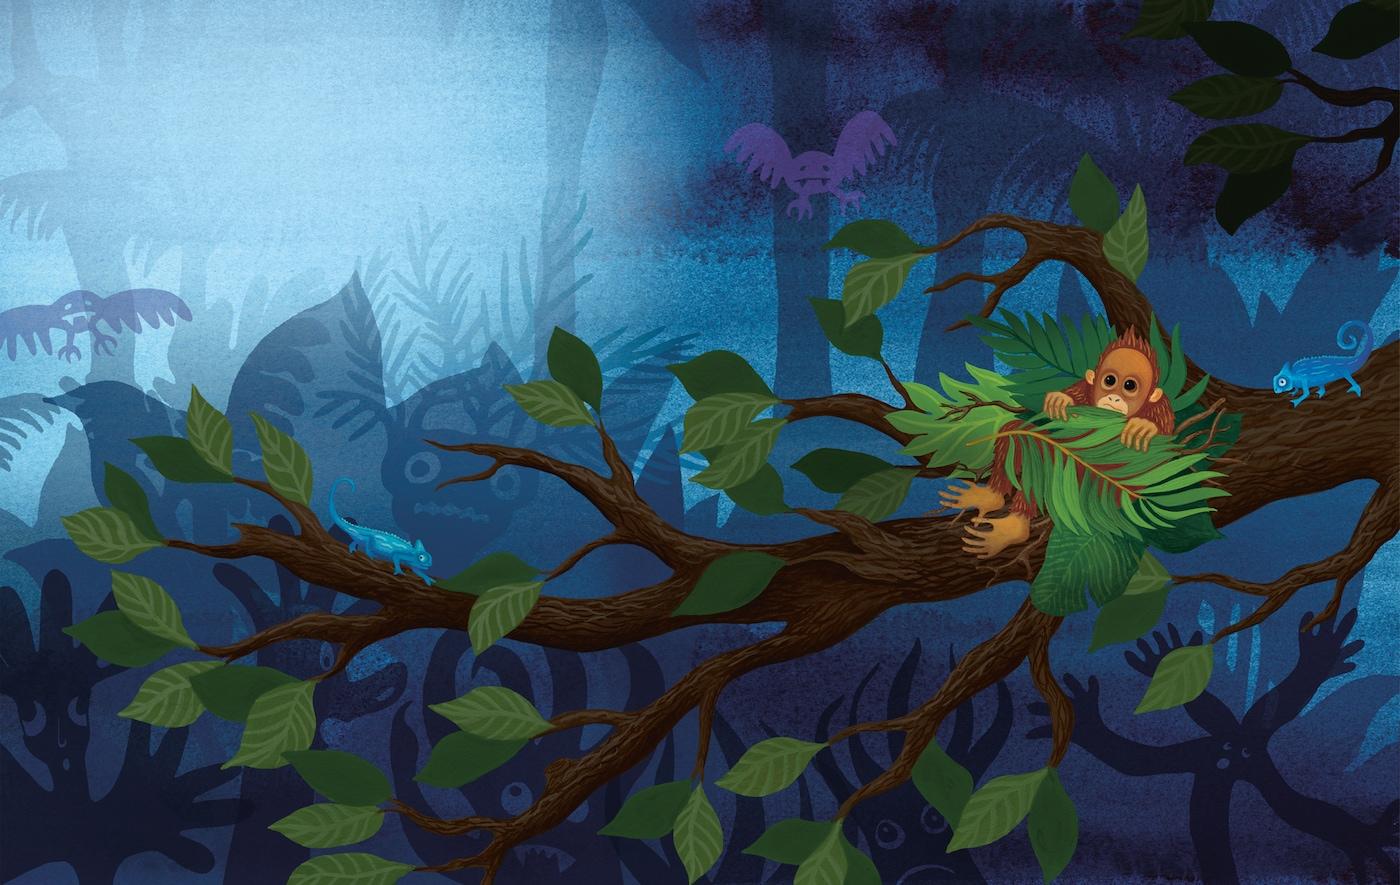 Värikästä lastenkirjan kuvitusta orankinpoikasesta, joka piileskelee puussa pimeydeltä.